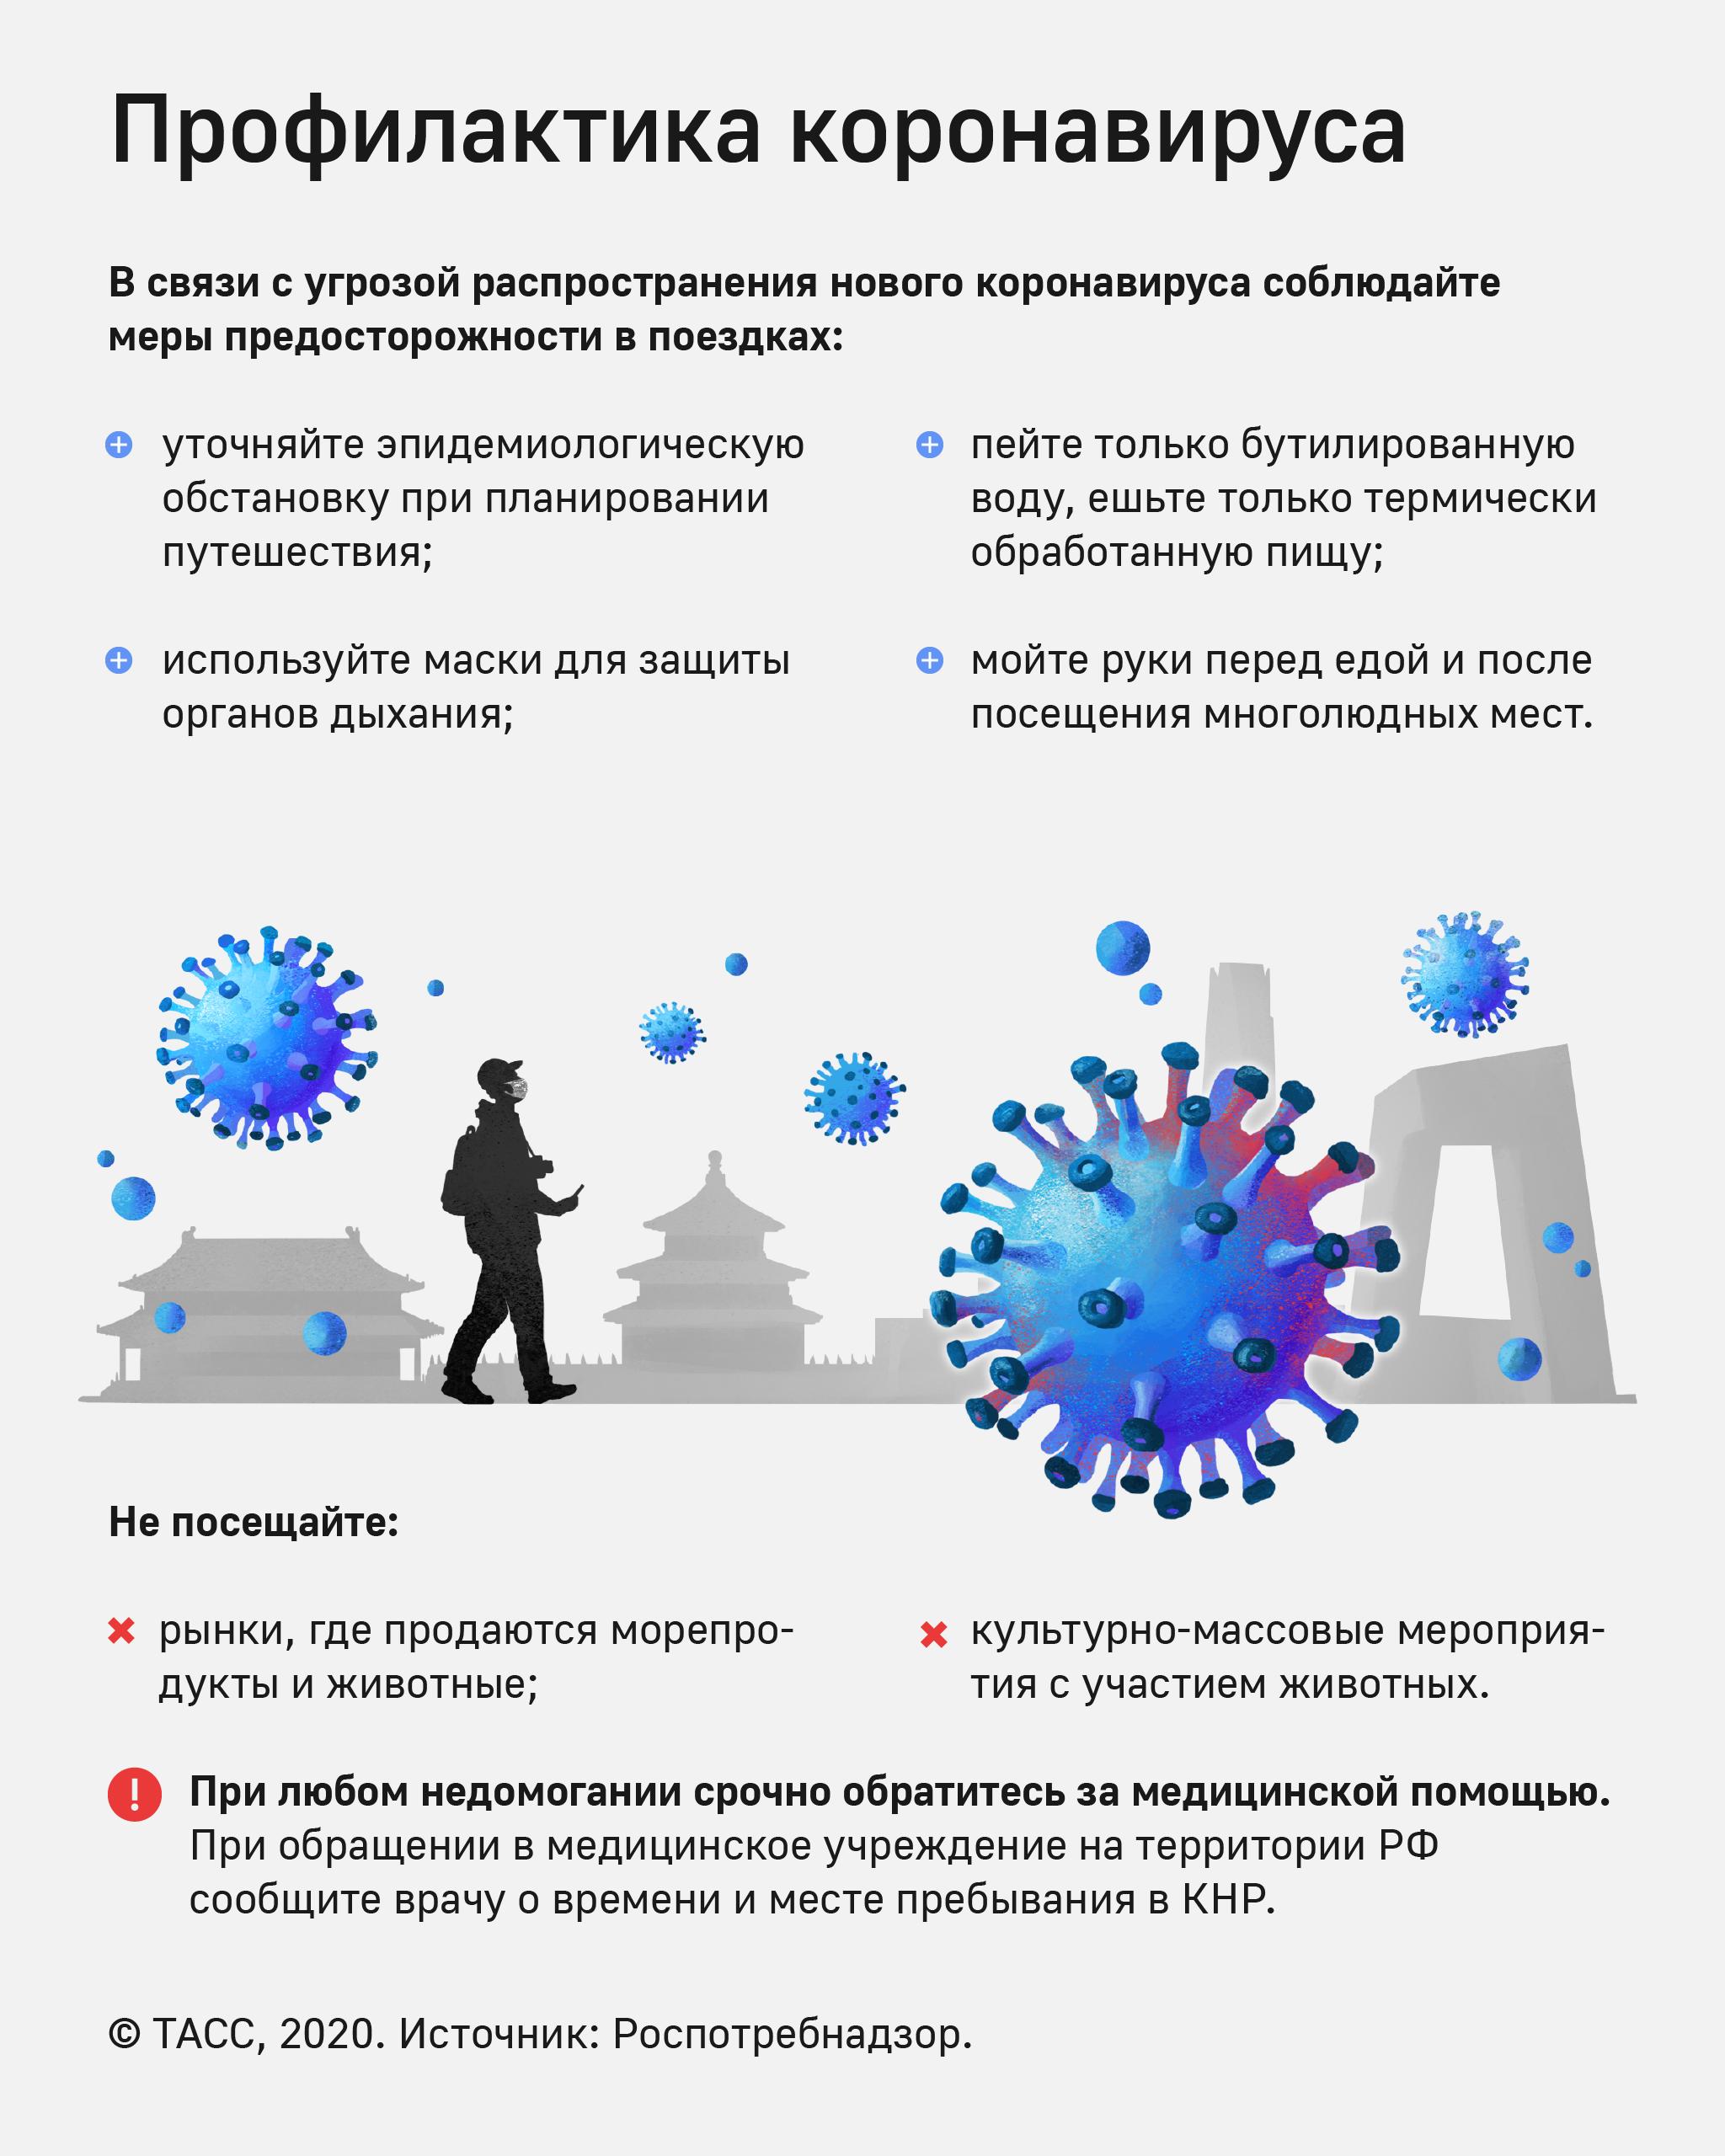 Профилактика коронавируса в поездках